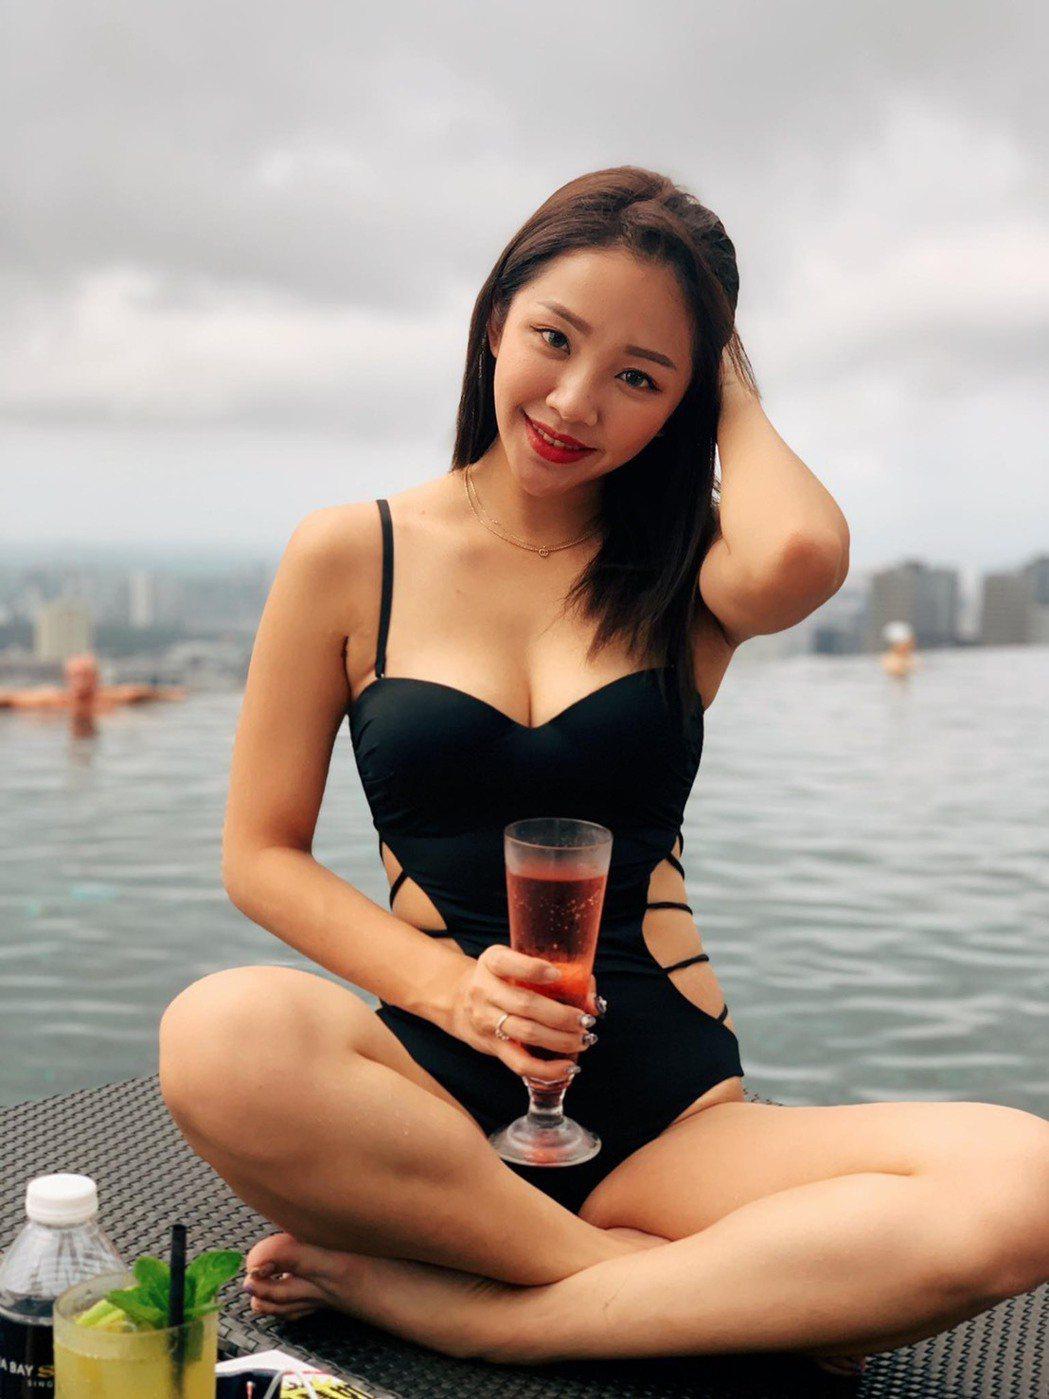 23歲賴慧如已是一個3歲孩子的媽,身材姣好。圖/翻攝臉書